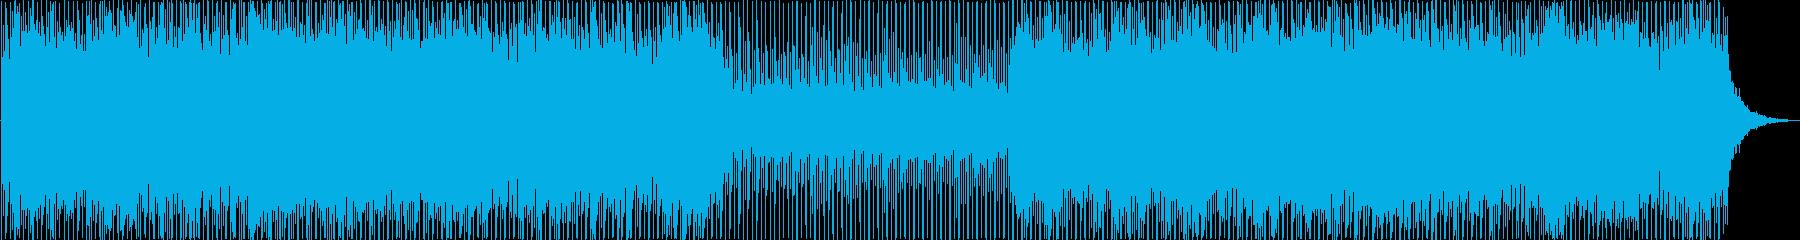 爽やかで明るいポップスの再生済みの波形